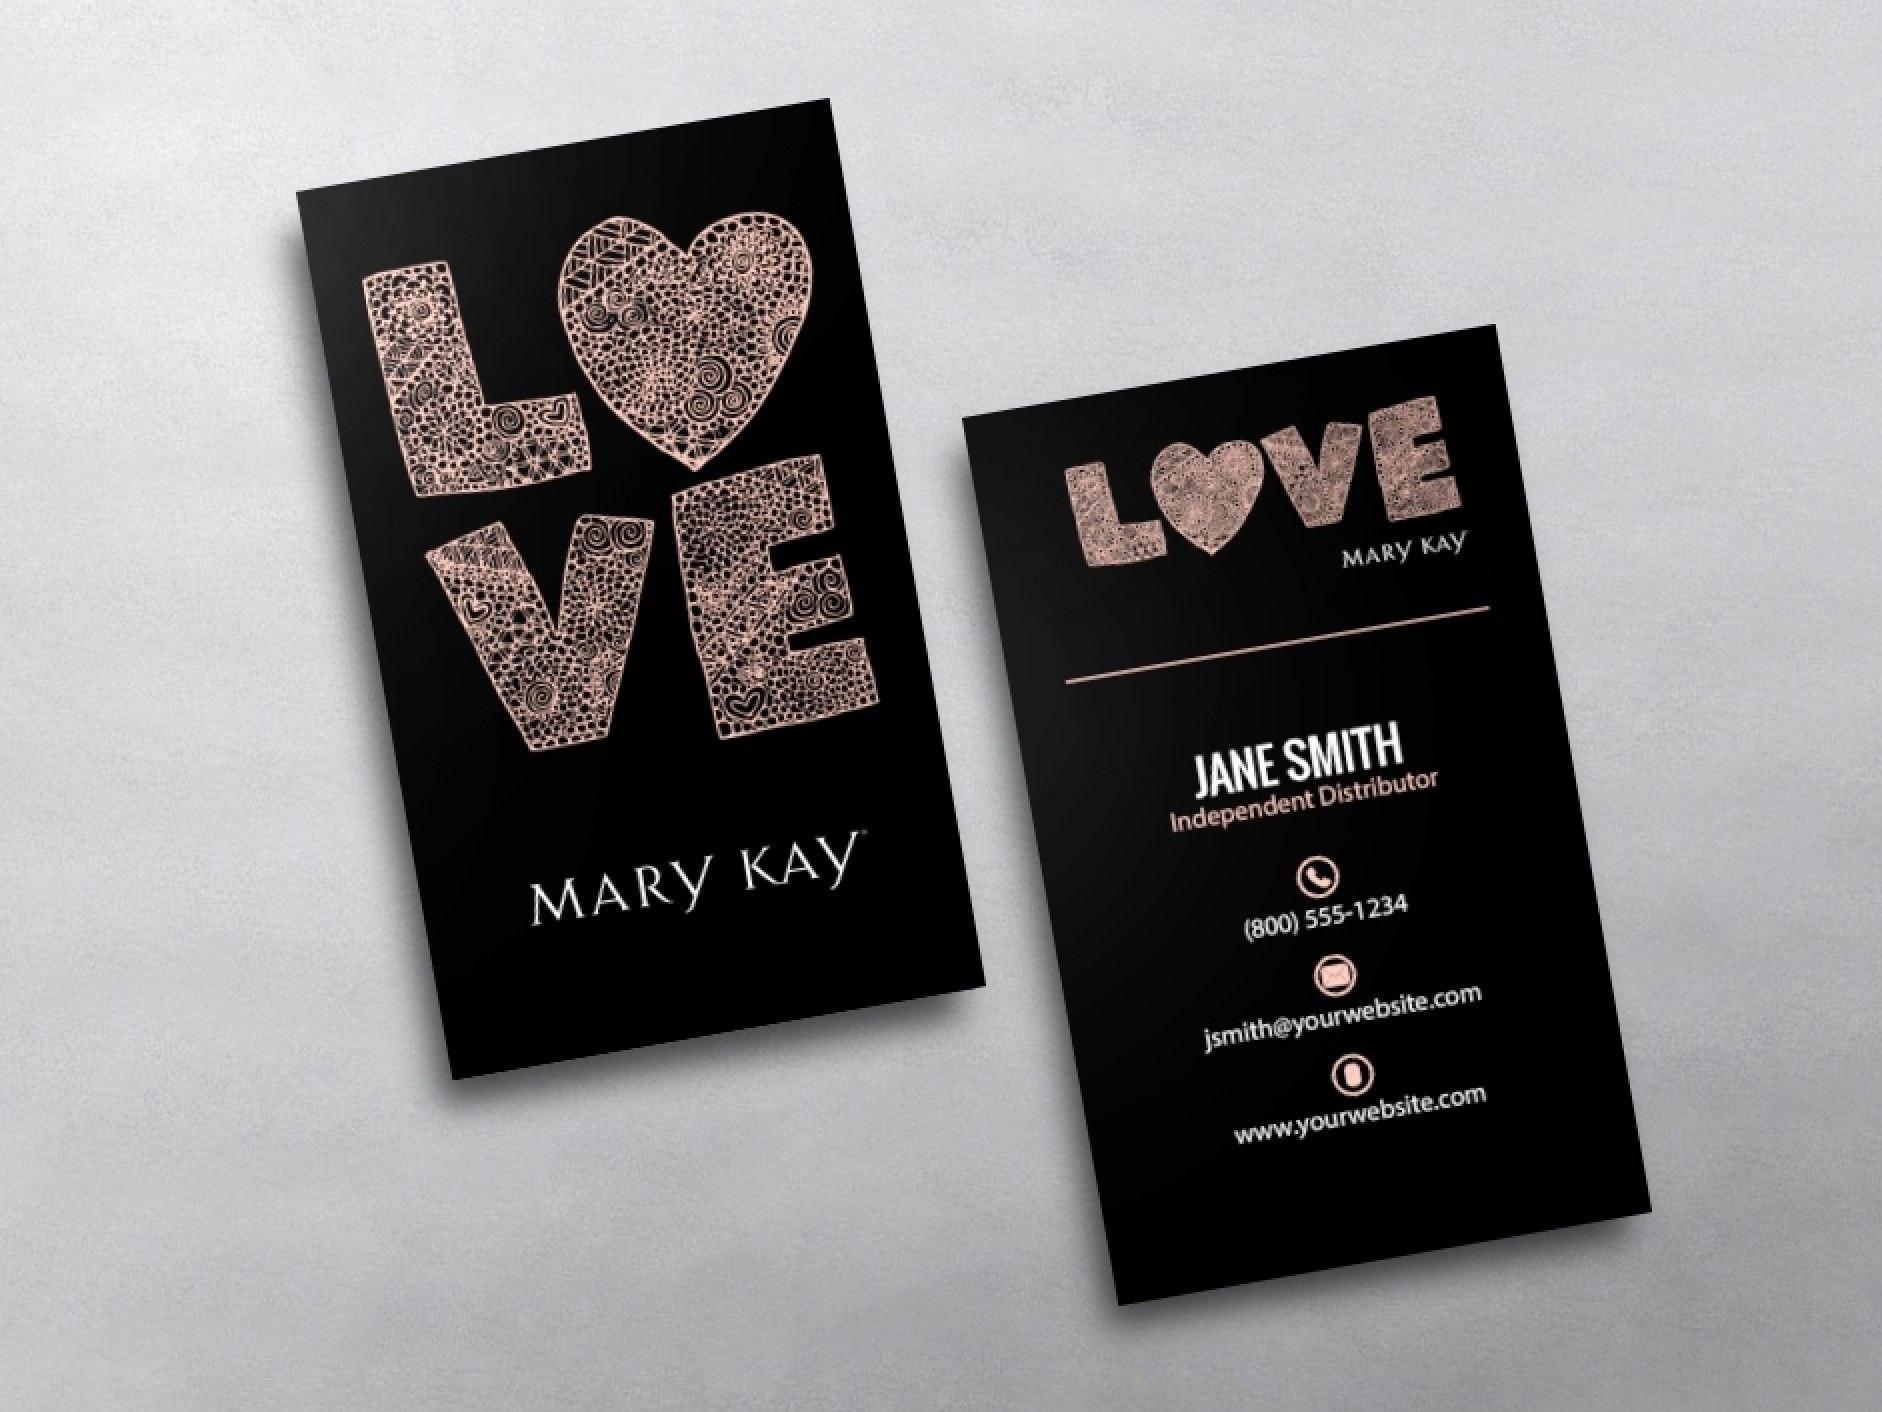 Mary Kay Business Cards In   Mary Kay  Mary Kay Free Business In Mary Kay Business Cards Templates Free